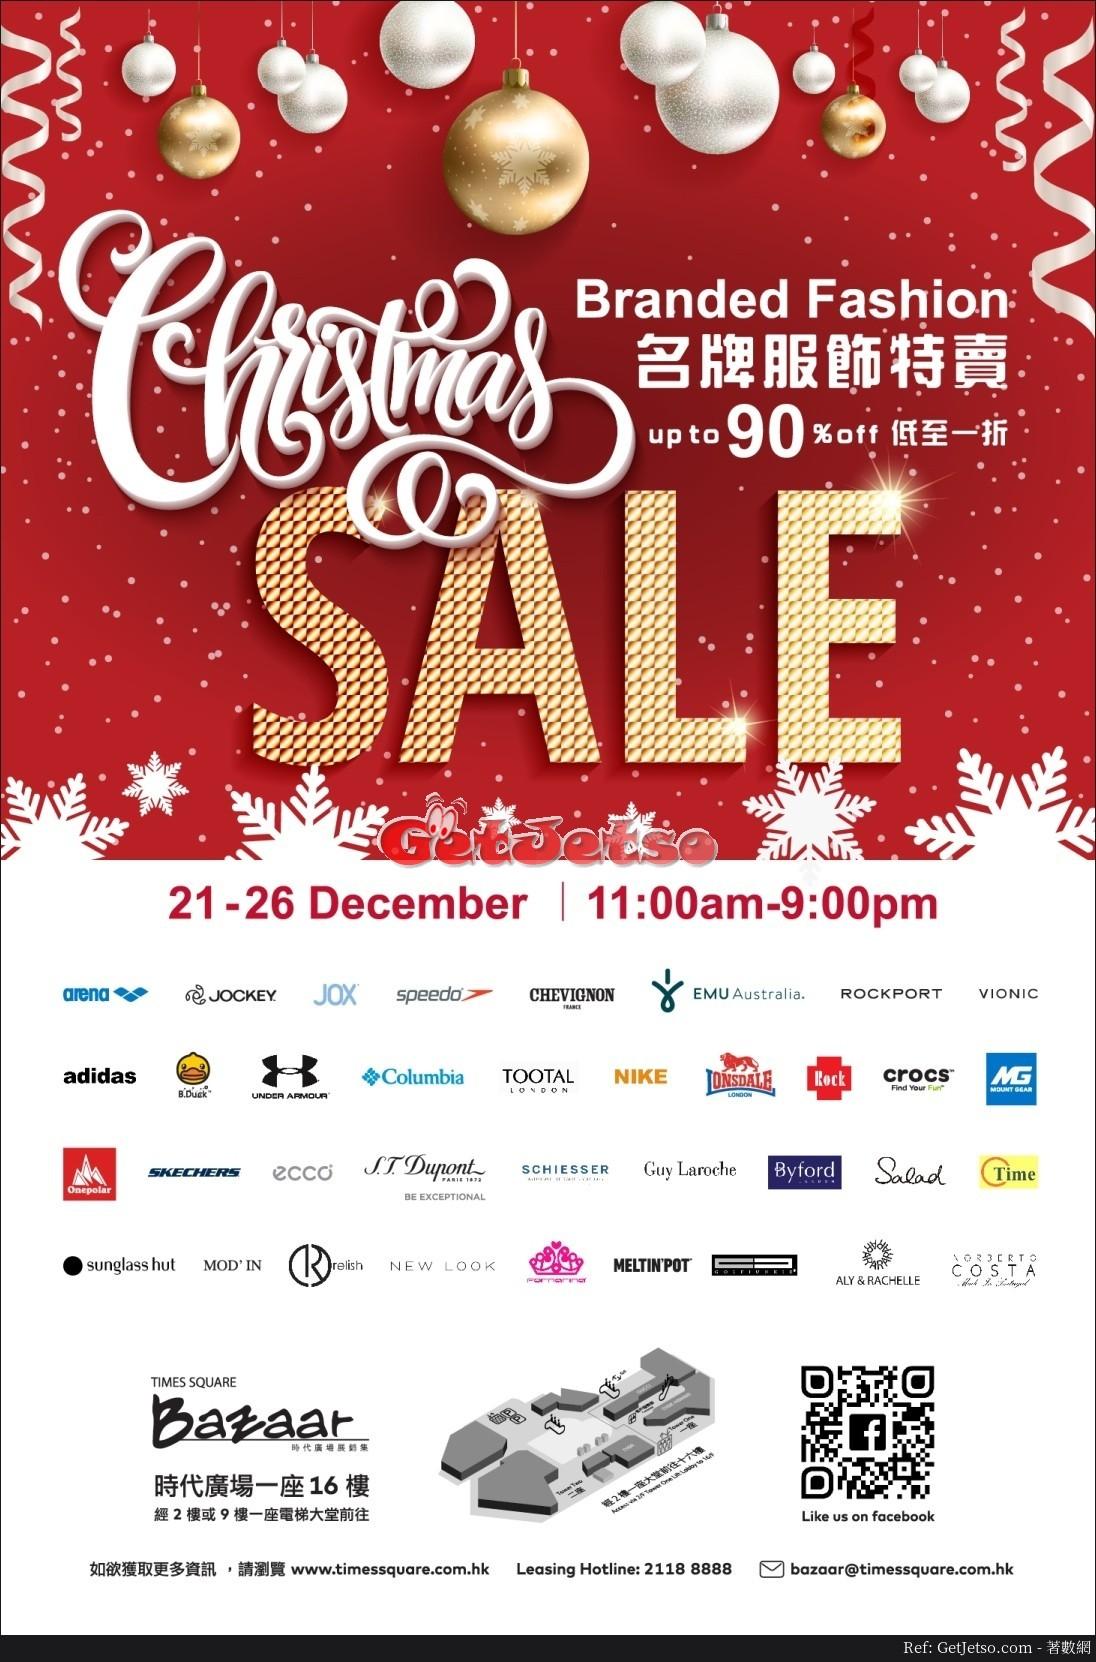 名牌服飾低至1折聖誕特賣優惠@時代廣場(17年12月21-26日)